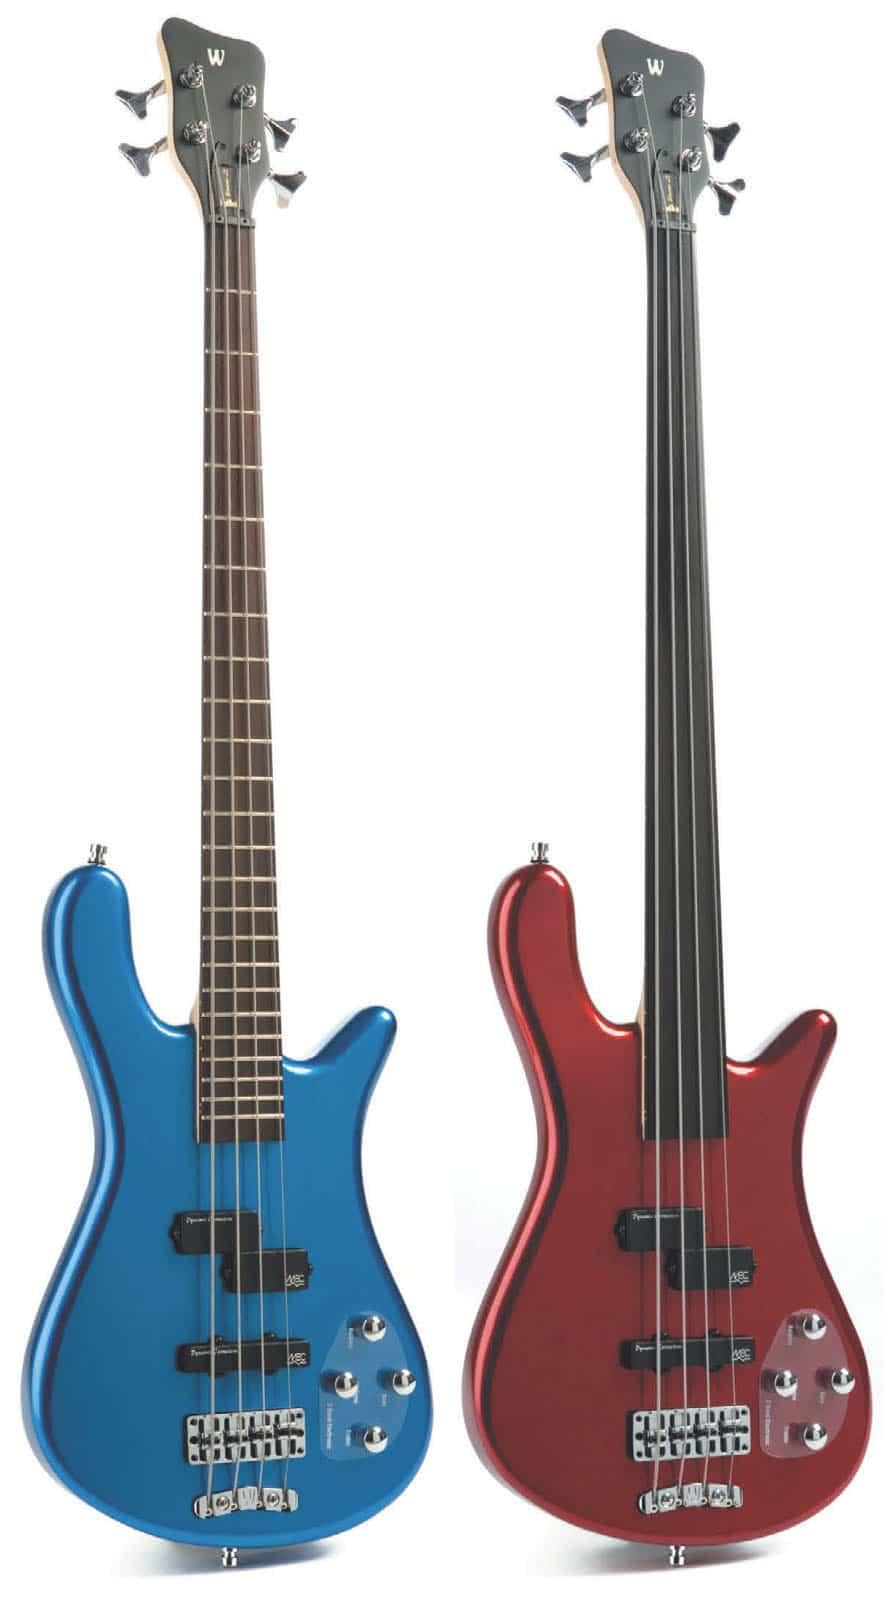 Zwei E-Bässe, fretted bzw. fretless, von Rockbass, stehend